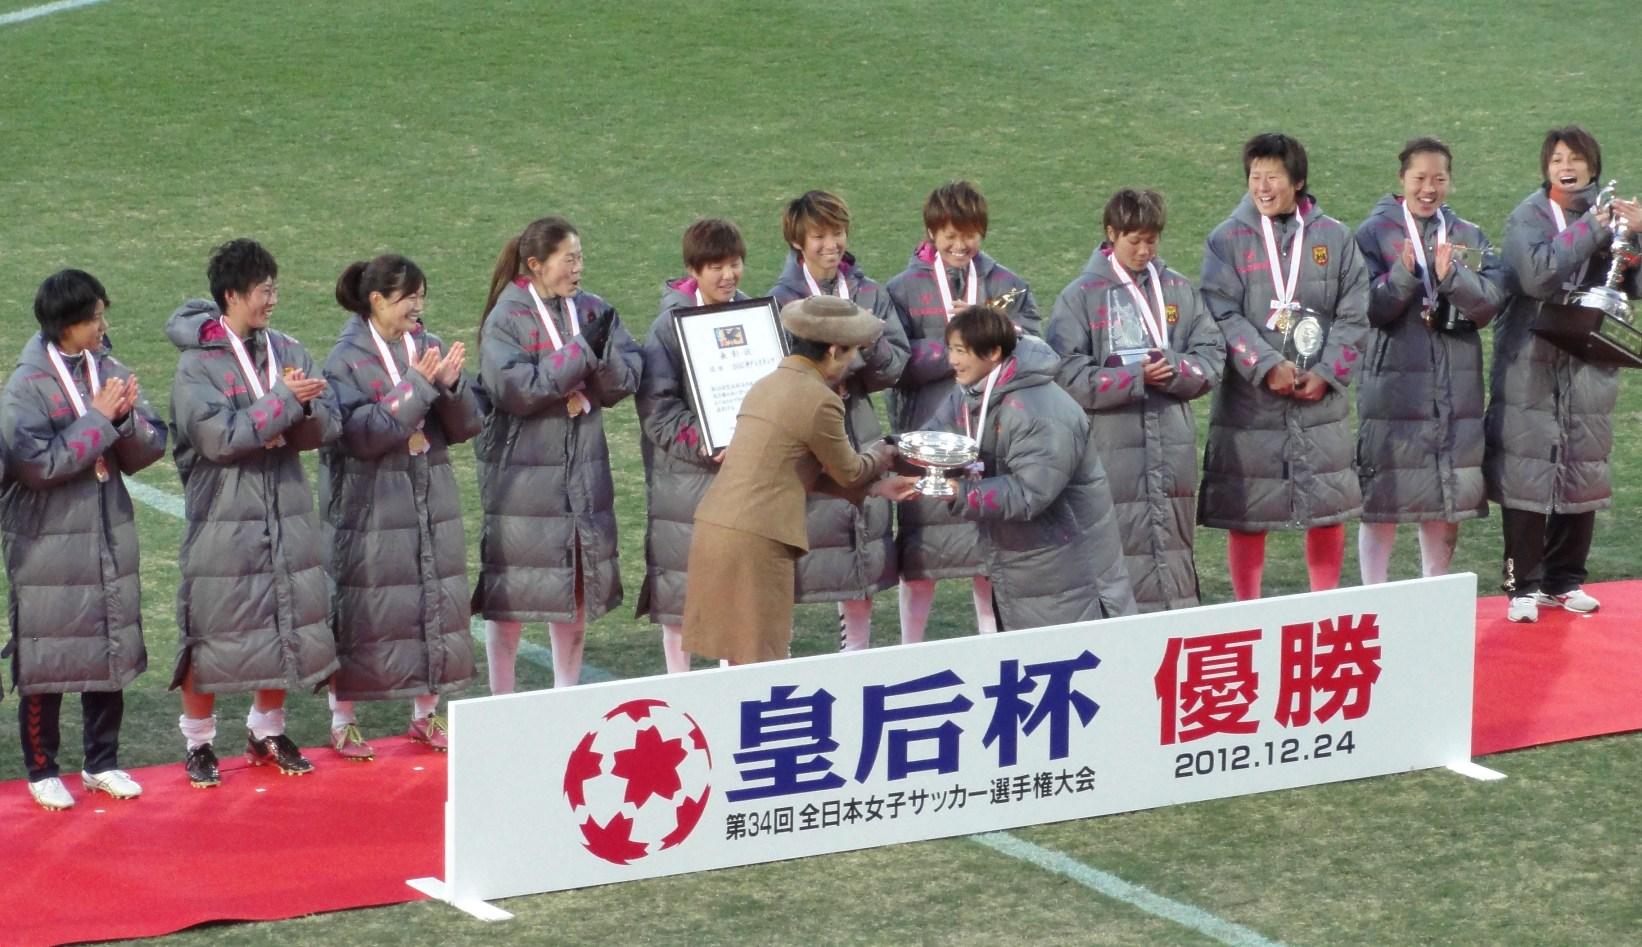 高円宮妃殿下より皇后杯を受け取る大野忍主将とINAC神戸の選手たち